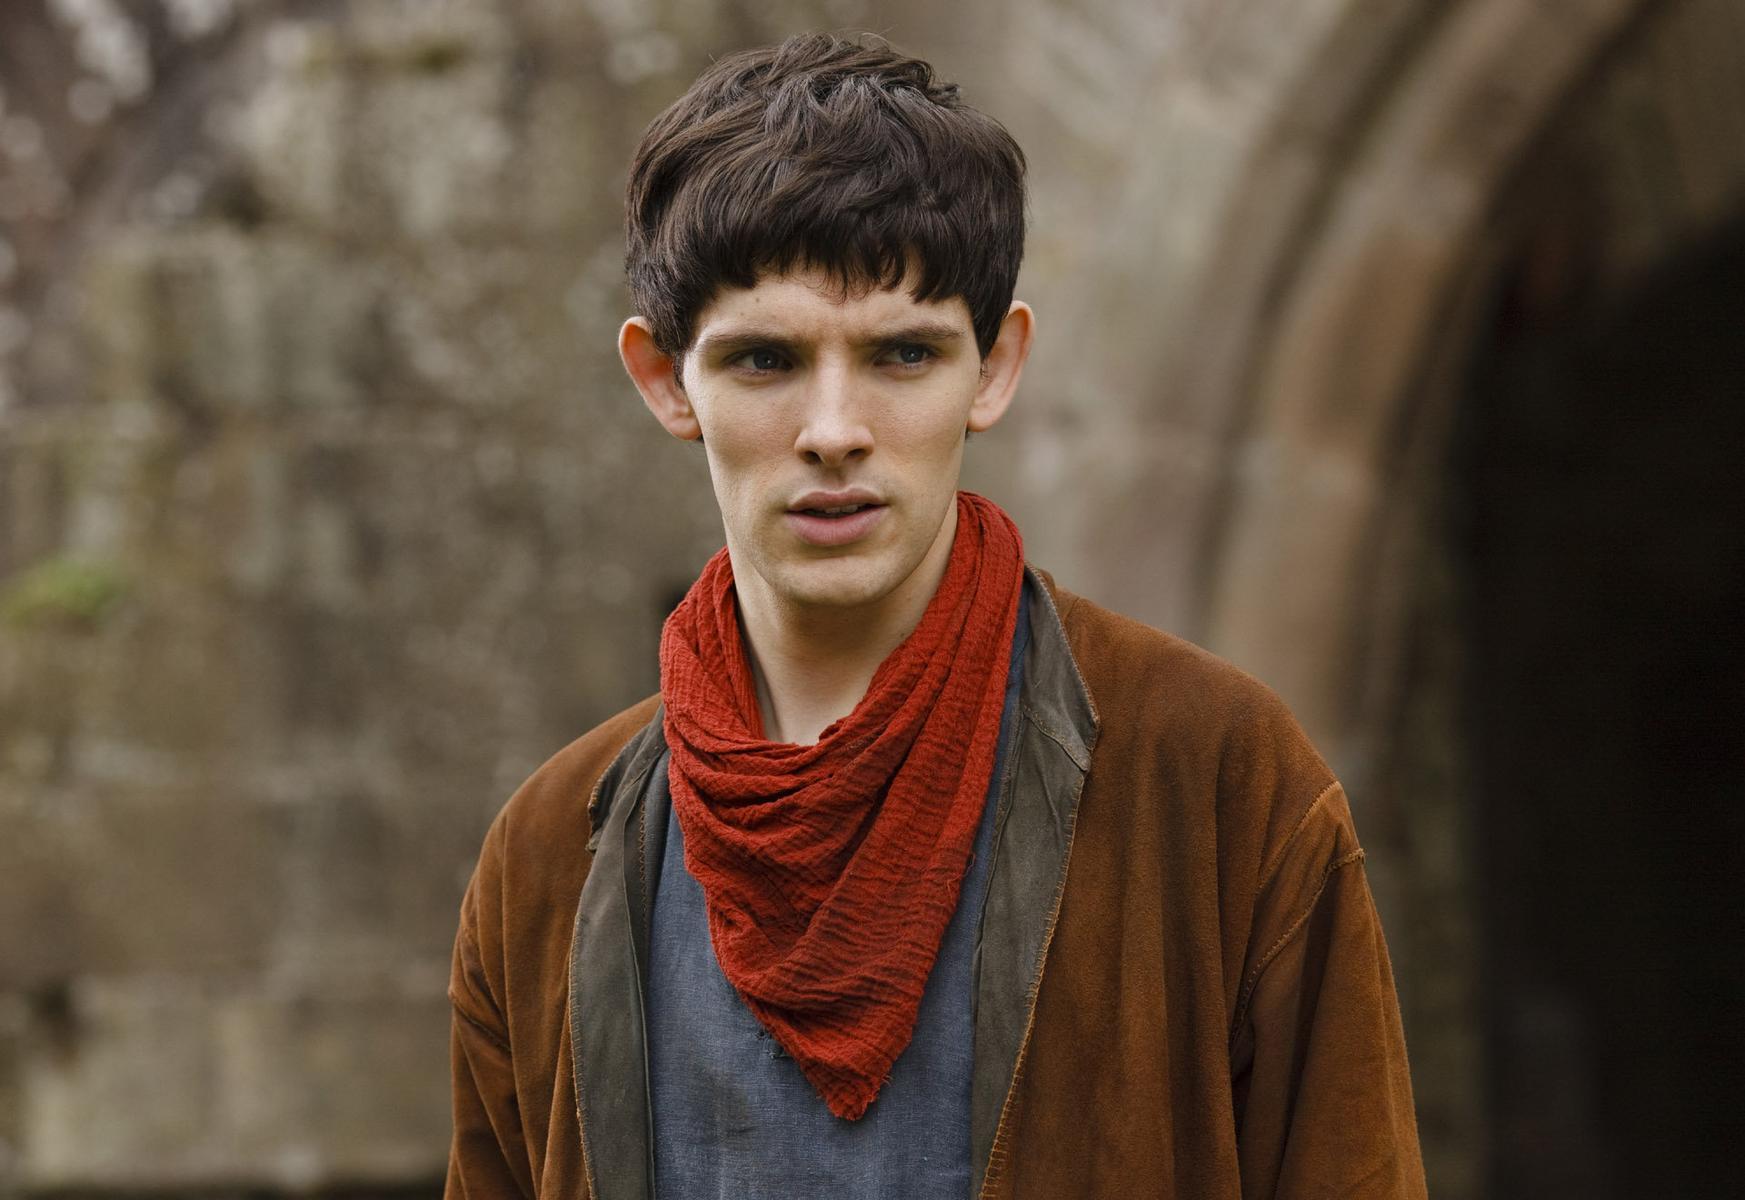 Merlin Merlin The Young Warlock Photo 22575917 Fanpop